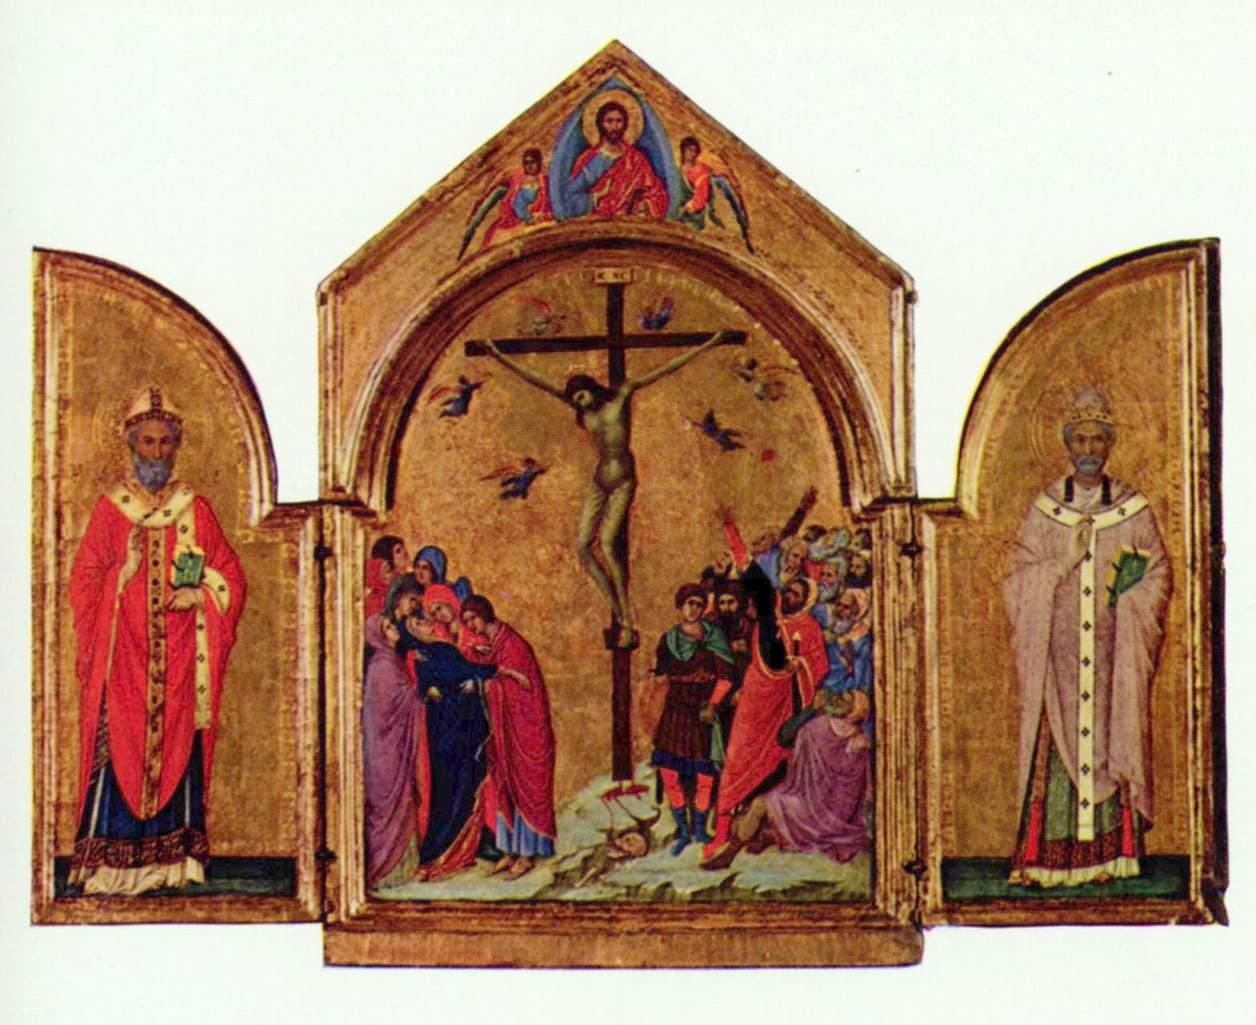 Распятие (триптих), слева  св. Николай, справа  св. Григорий, Дуччо ди Буонинсенья